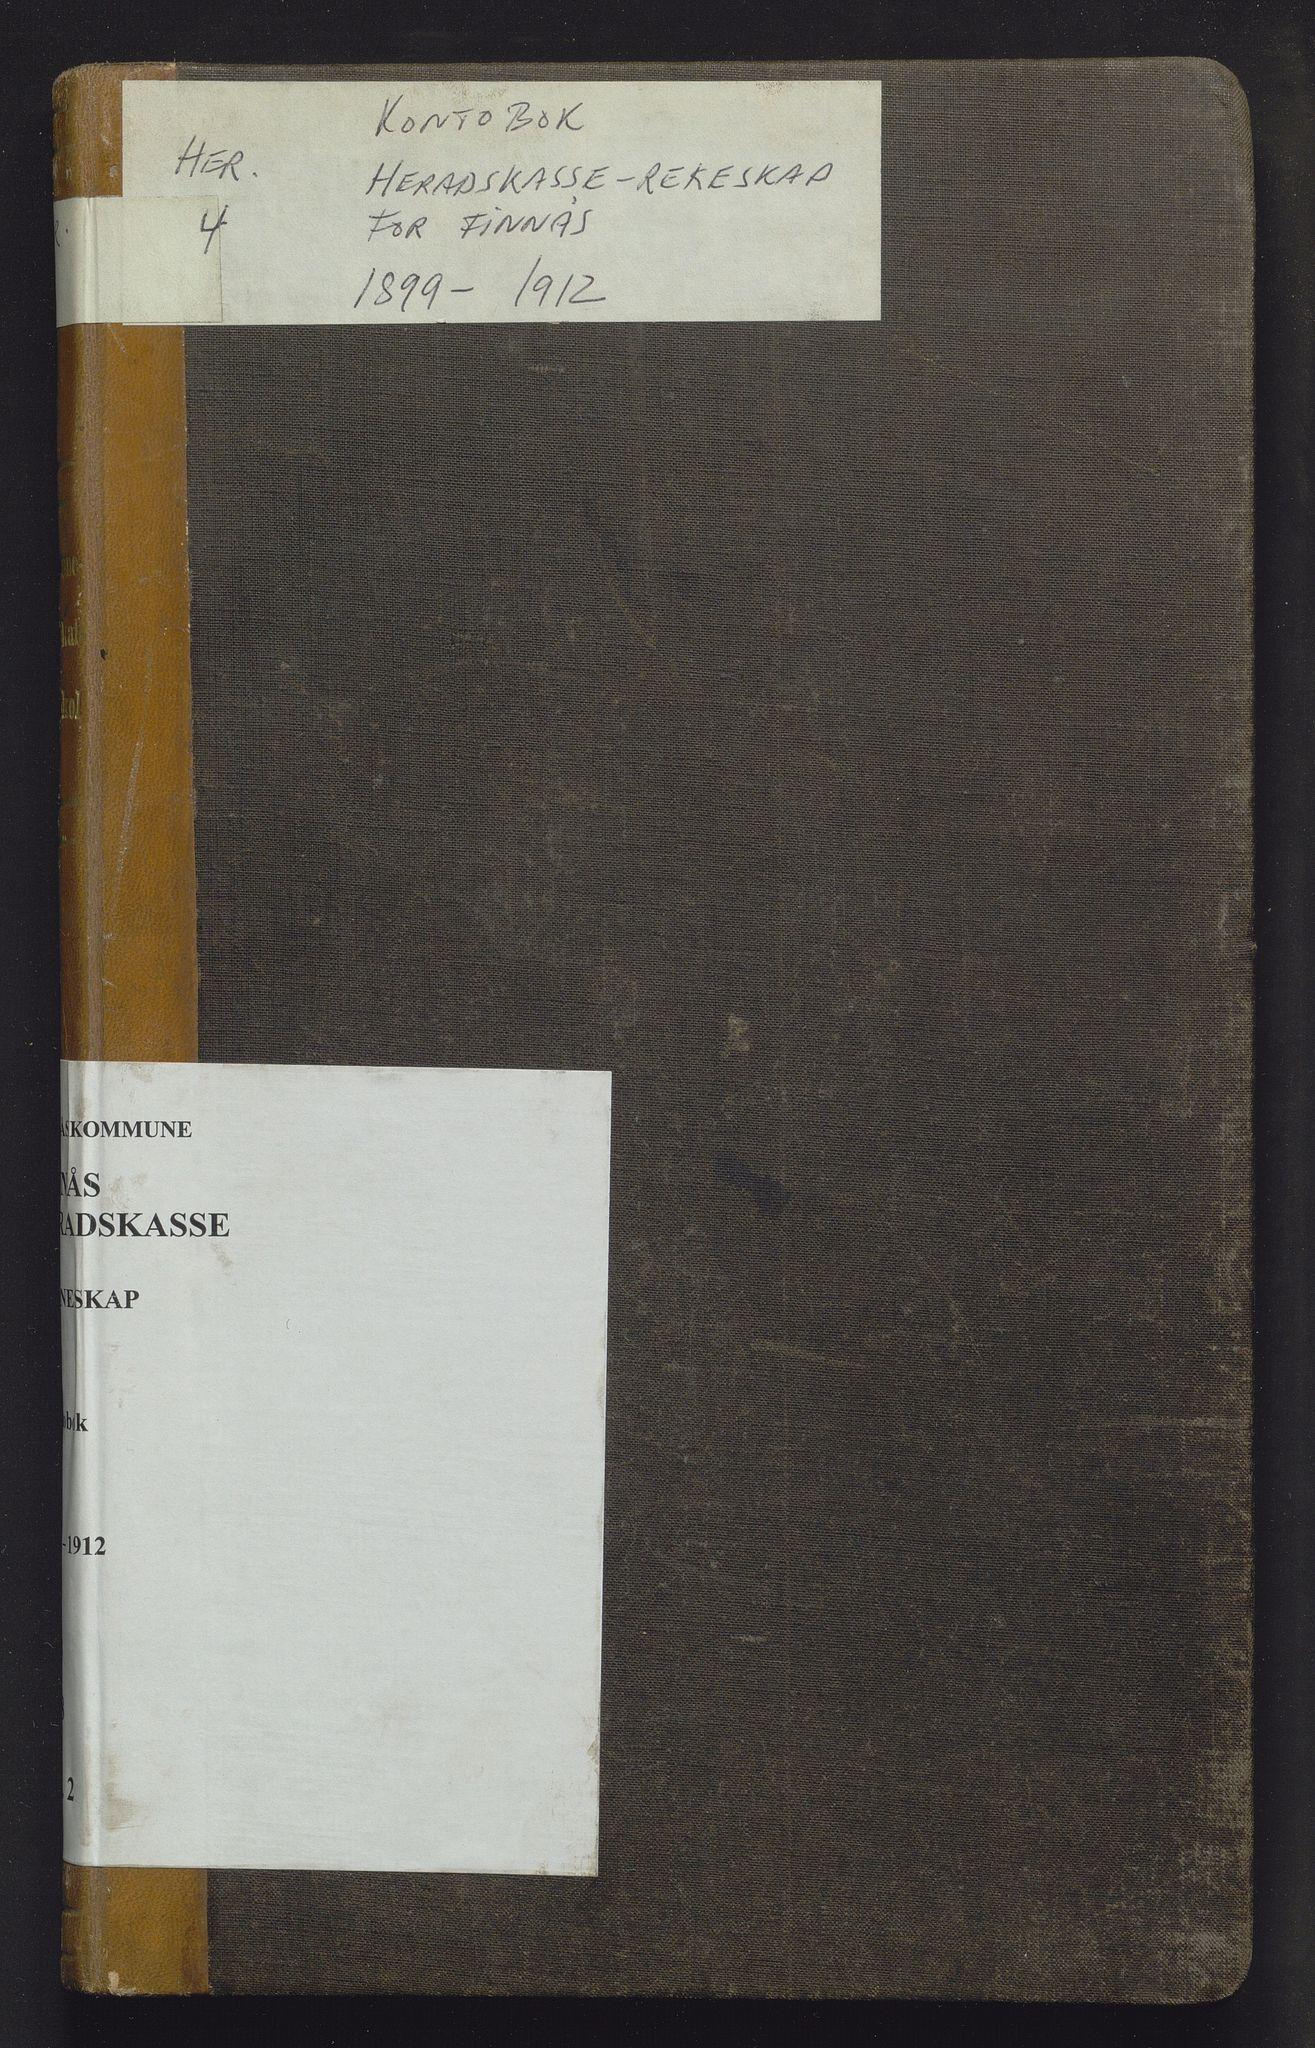 IKAH, Finnaas kommune. Heradskassen, R/Rc/Rca/L0002: Kontobok, 1899-1912